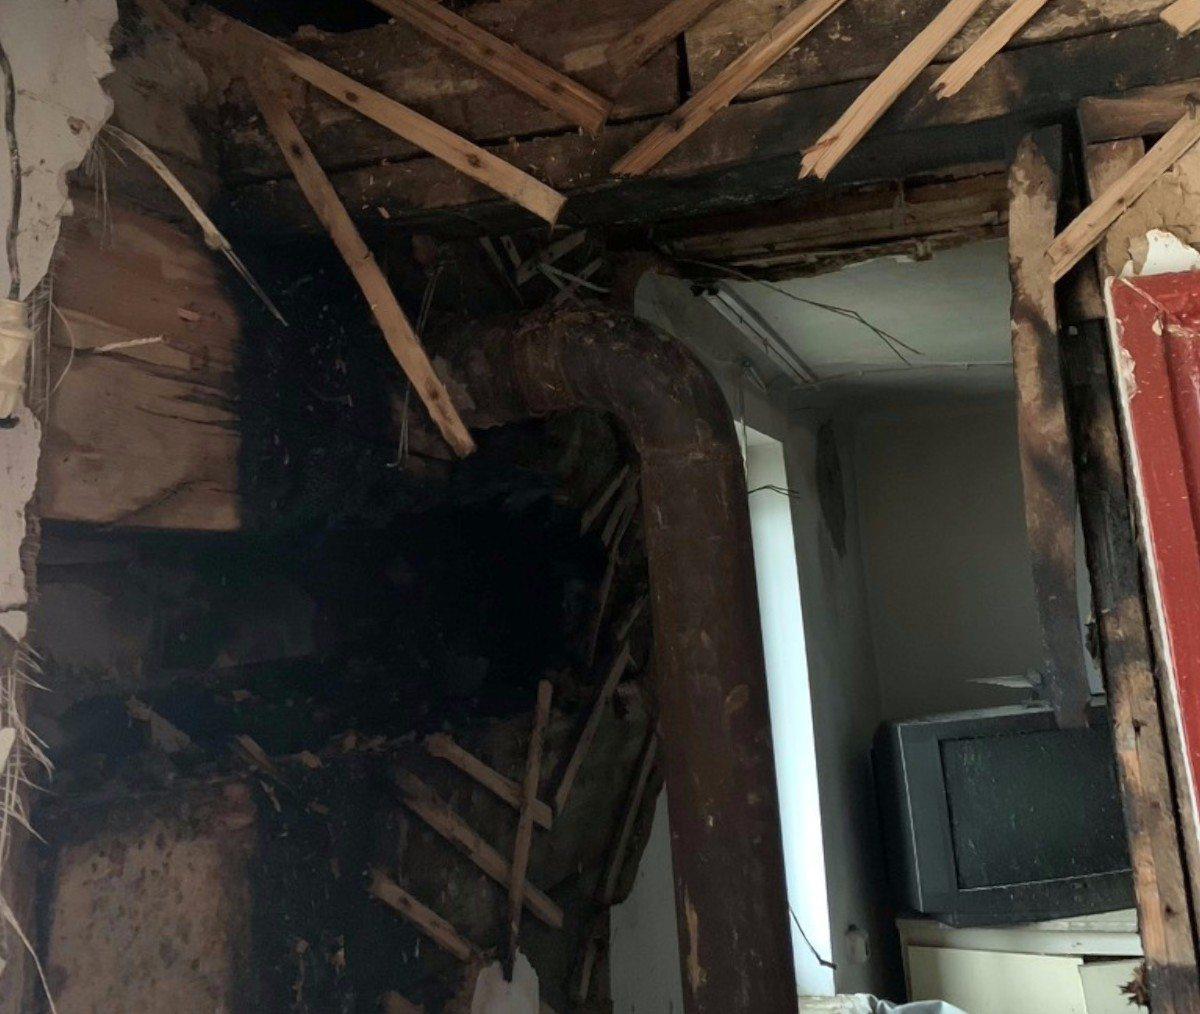 Херсонские спасатели потушили пожар дома на Жилпосёлке